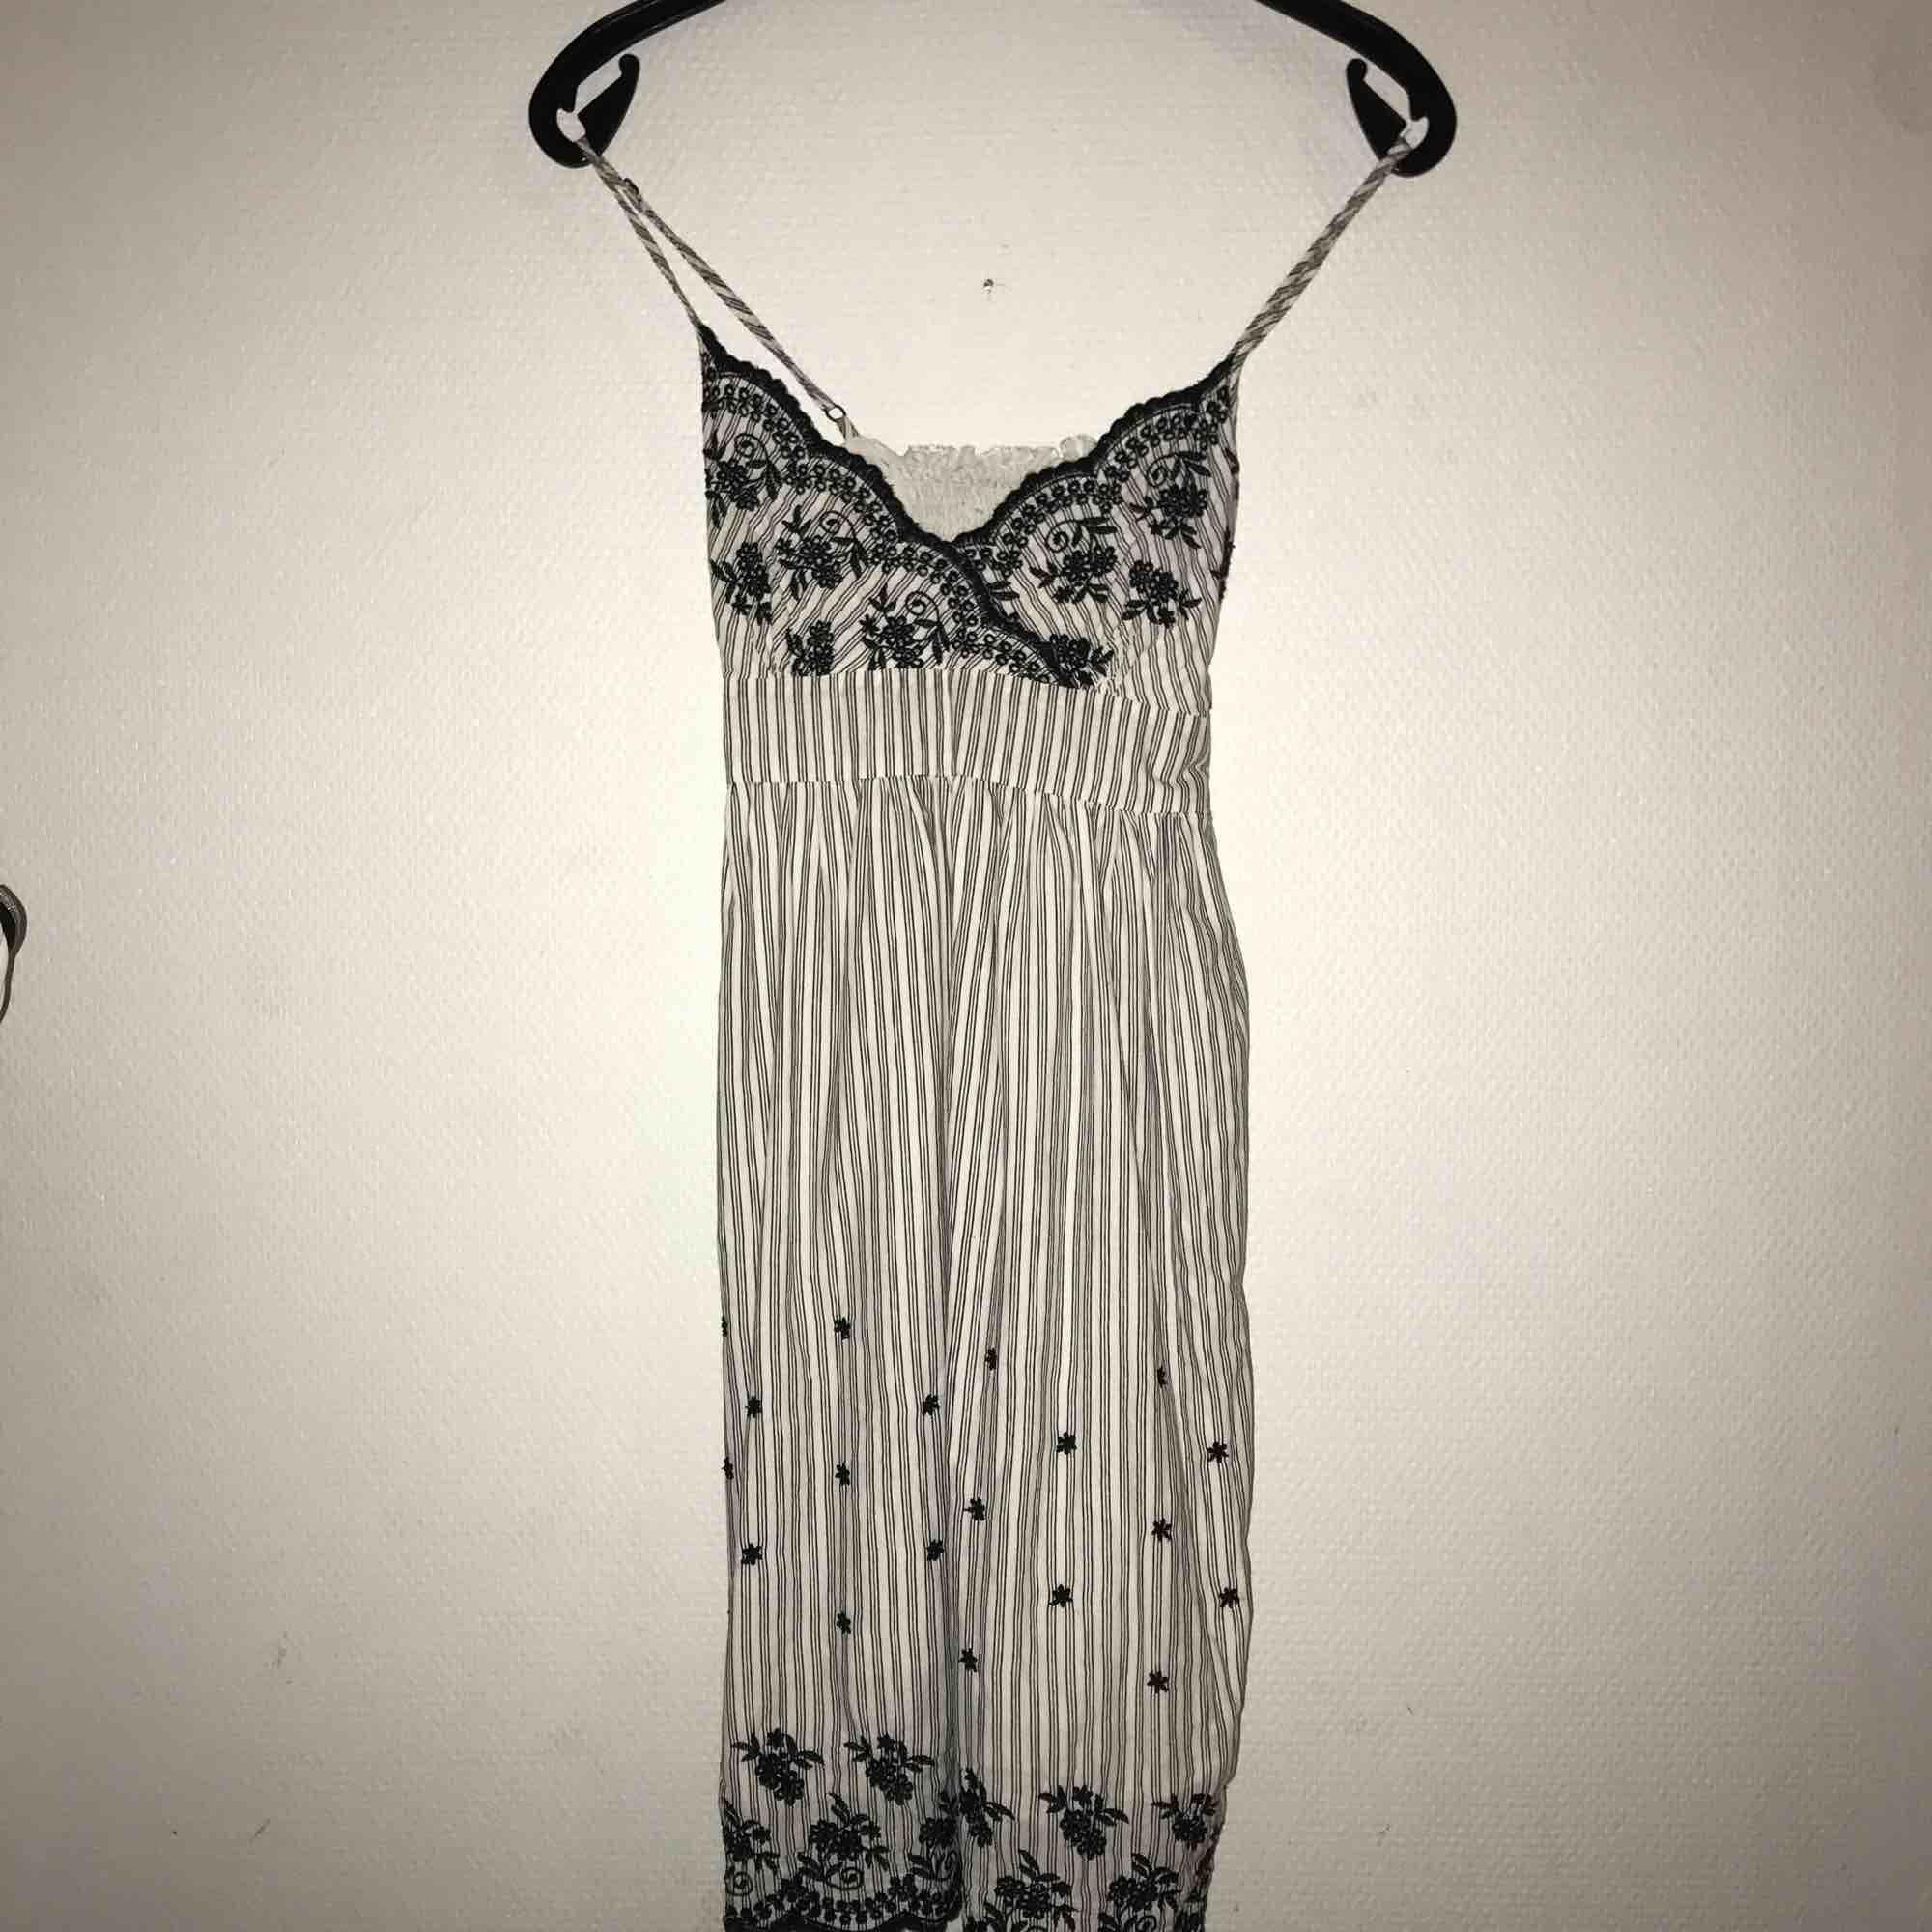 Jättesöt klänning med lite vintage vibes🥰 broderade mönster, resår i ryggen, justerbara band och ett band runt midjan❤️säljs då en inte passar mig längre🛍. Klänningar.